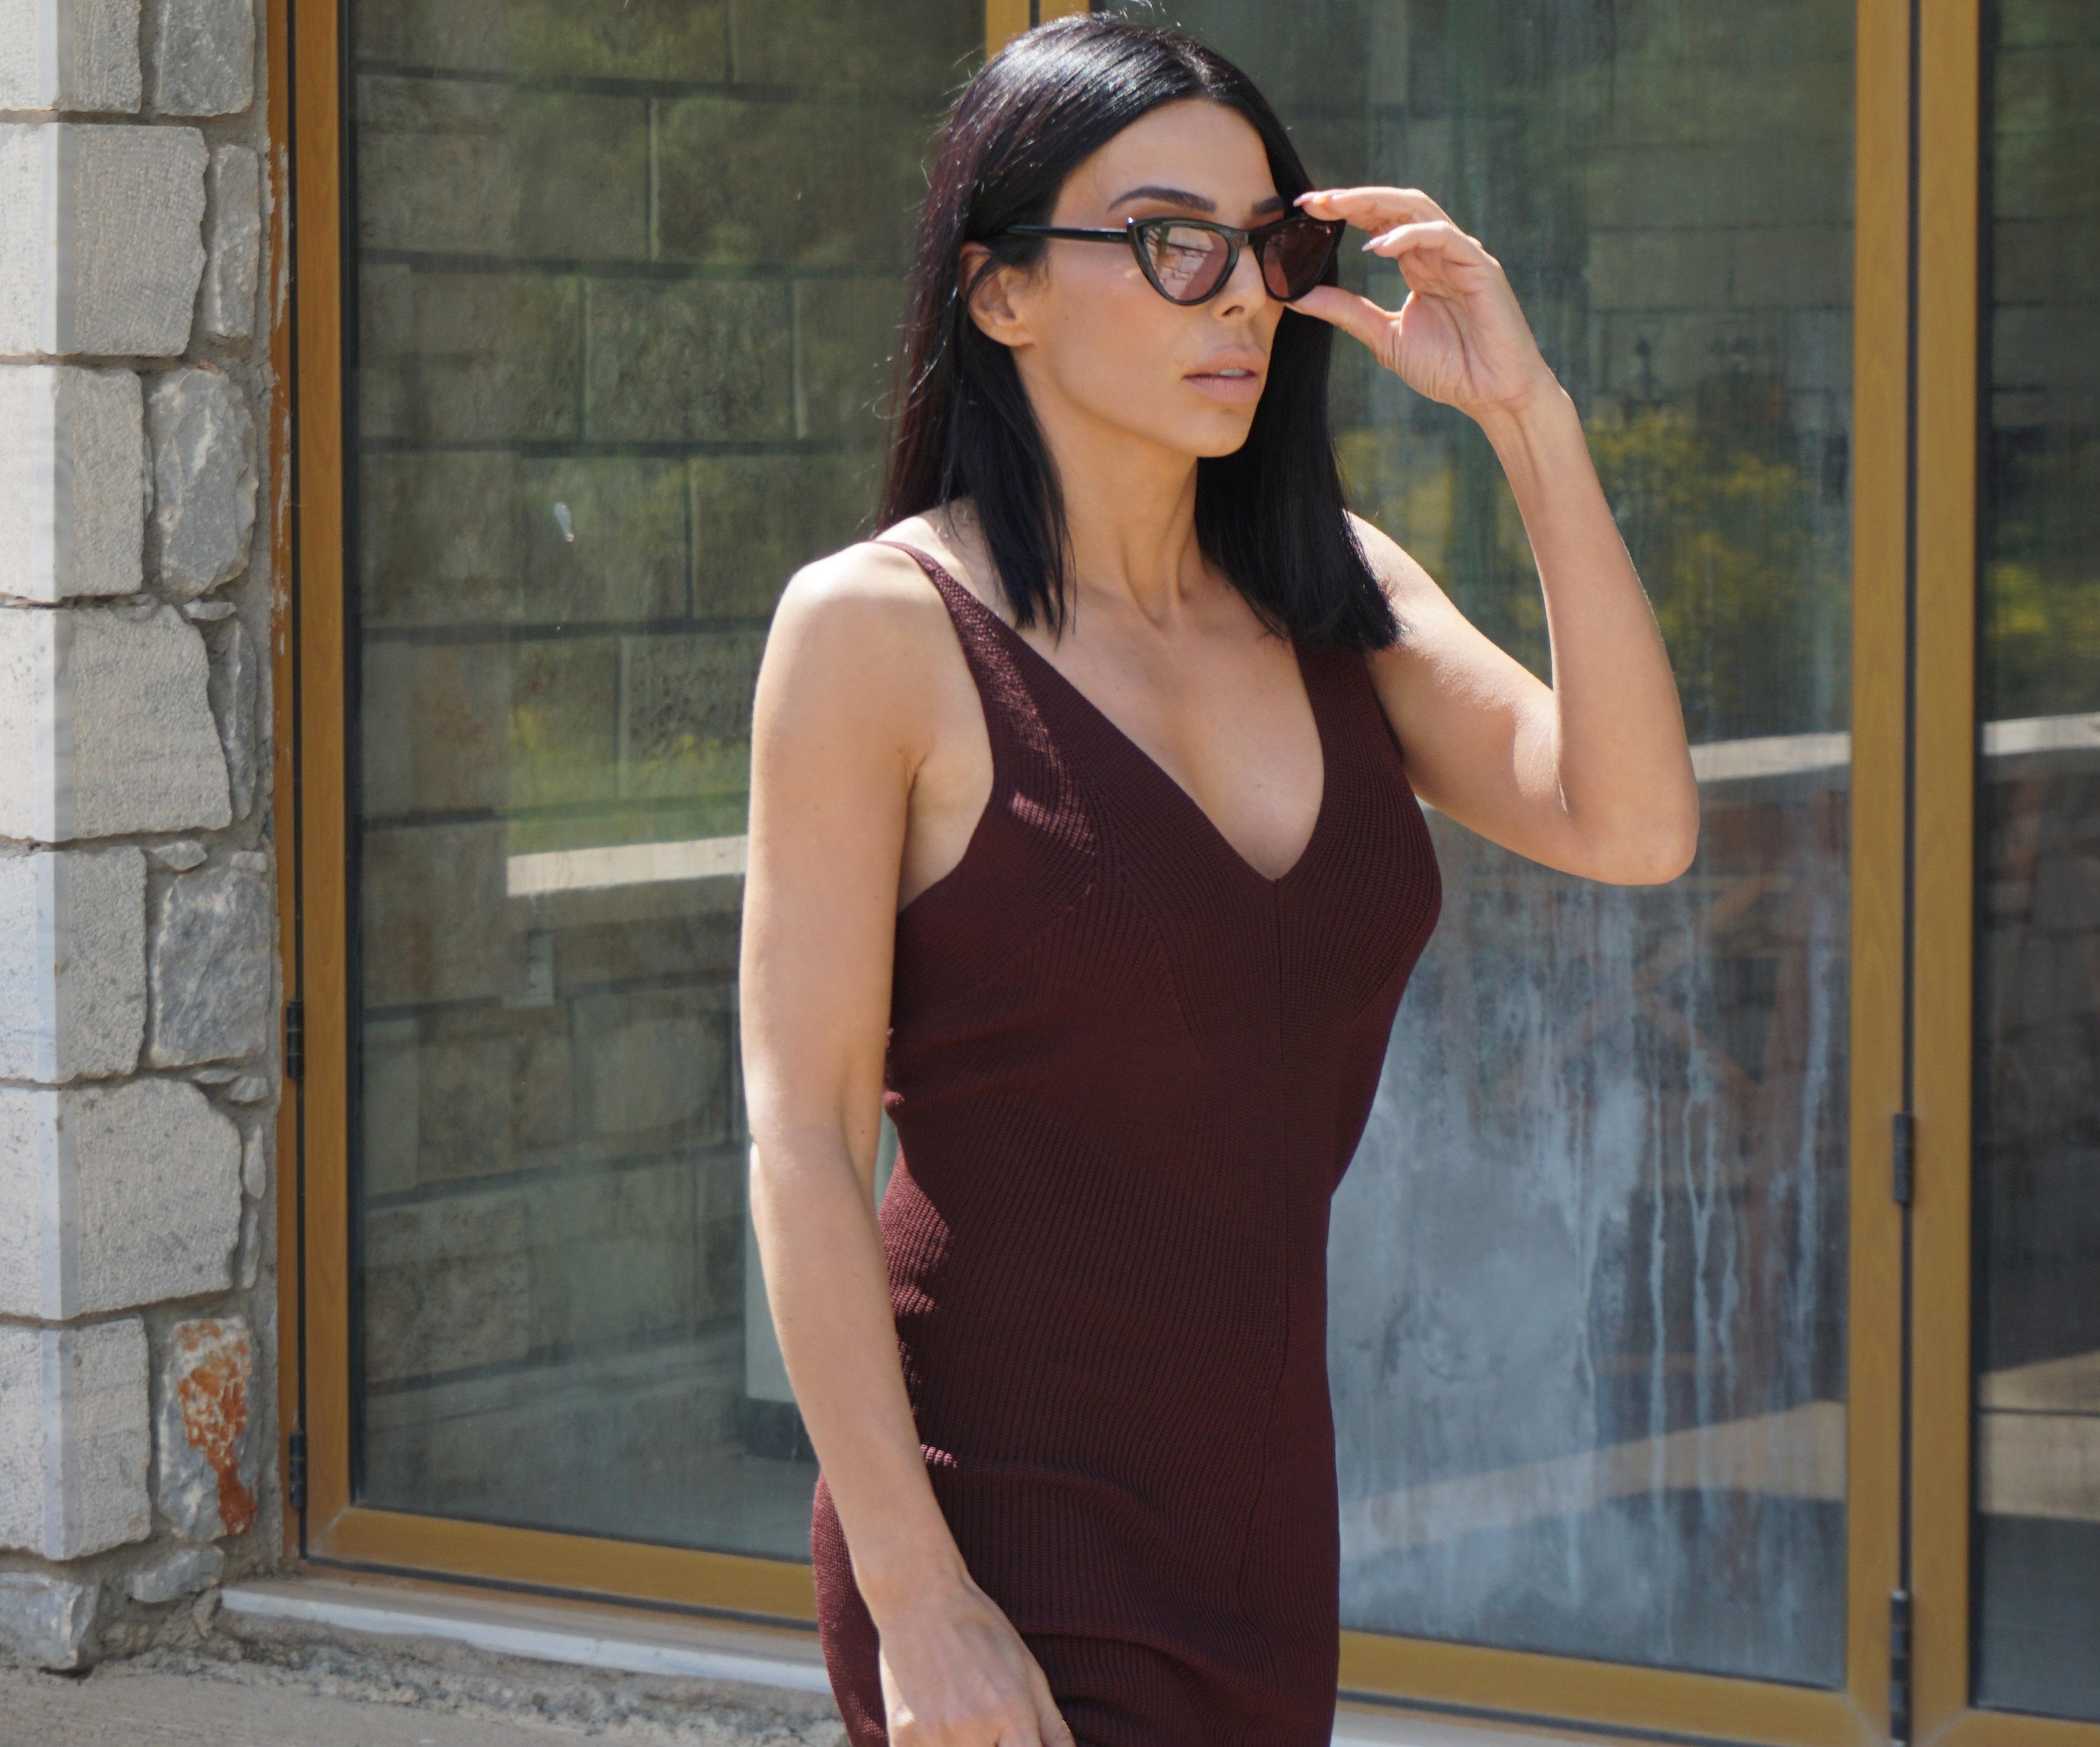 Κέλλυ Κελεκίδου: Κυκλοφόρησε το νέο της video clip! Backstage από τα γυρίσματα | tlife.gr